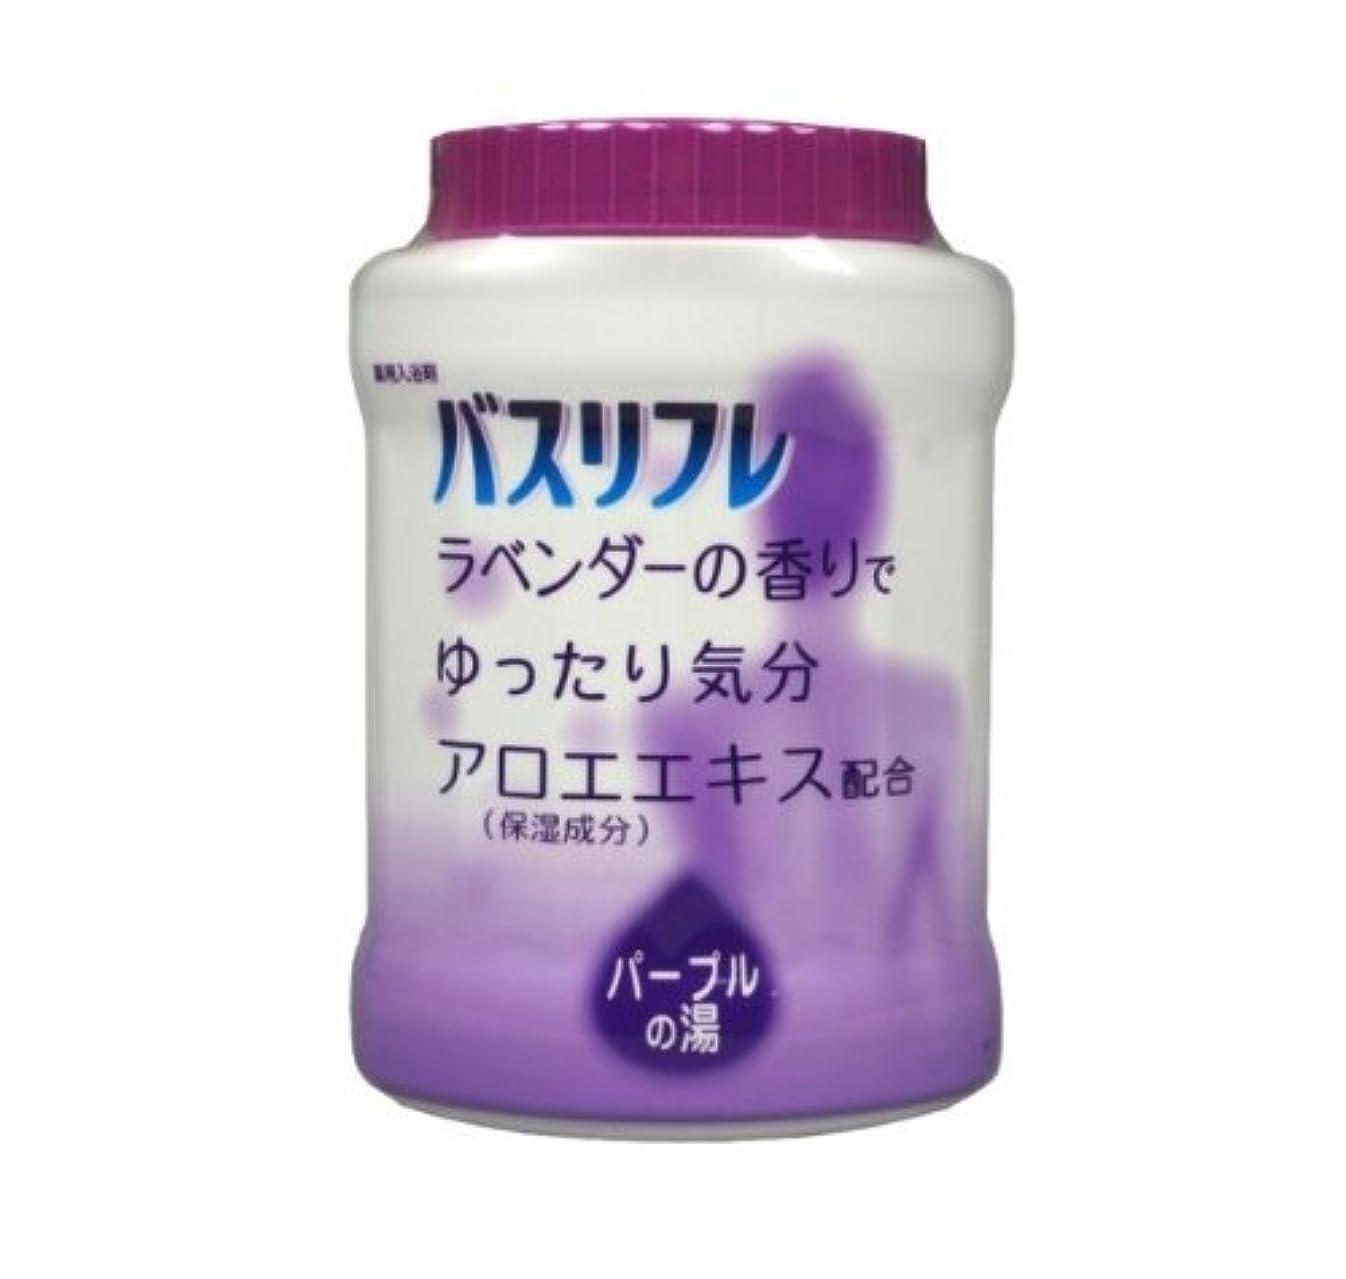 コンピューター拘束する政府バスリフレ 薬用入浴剤 ラベンダーの香り 680G Japan